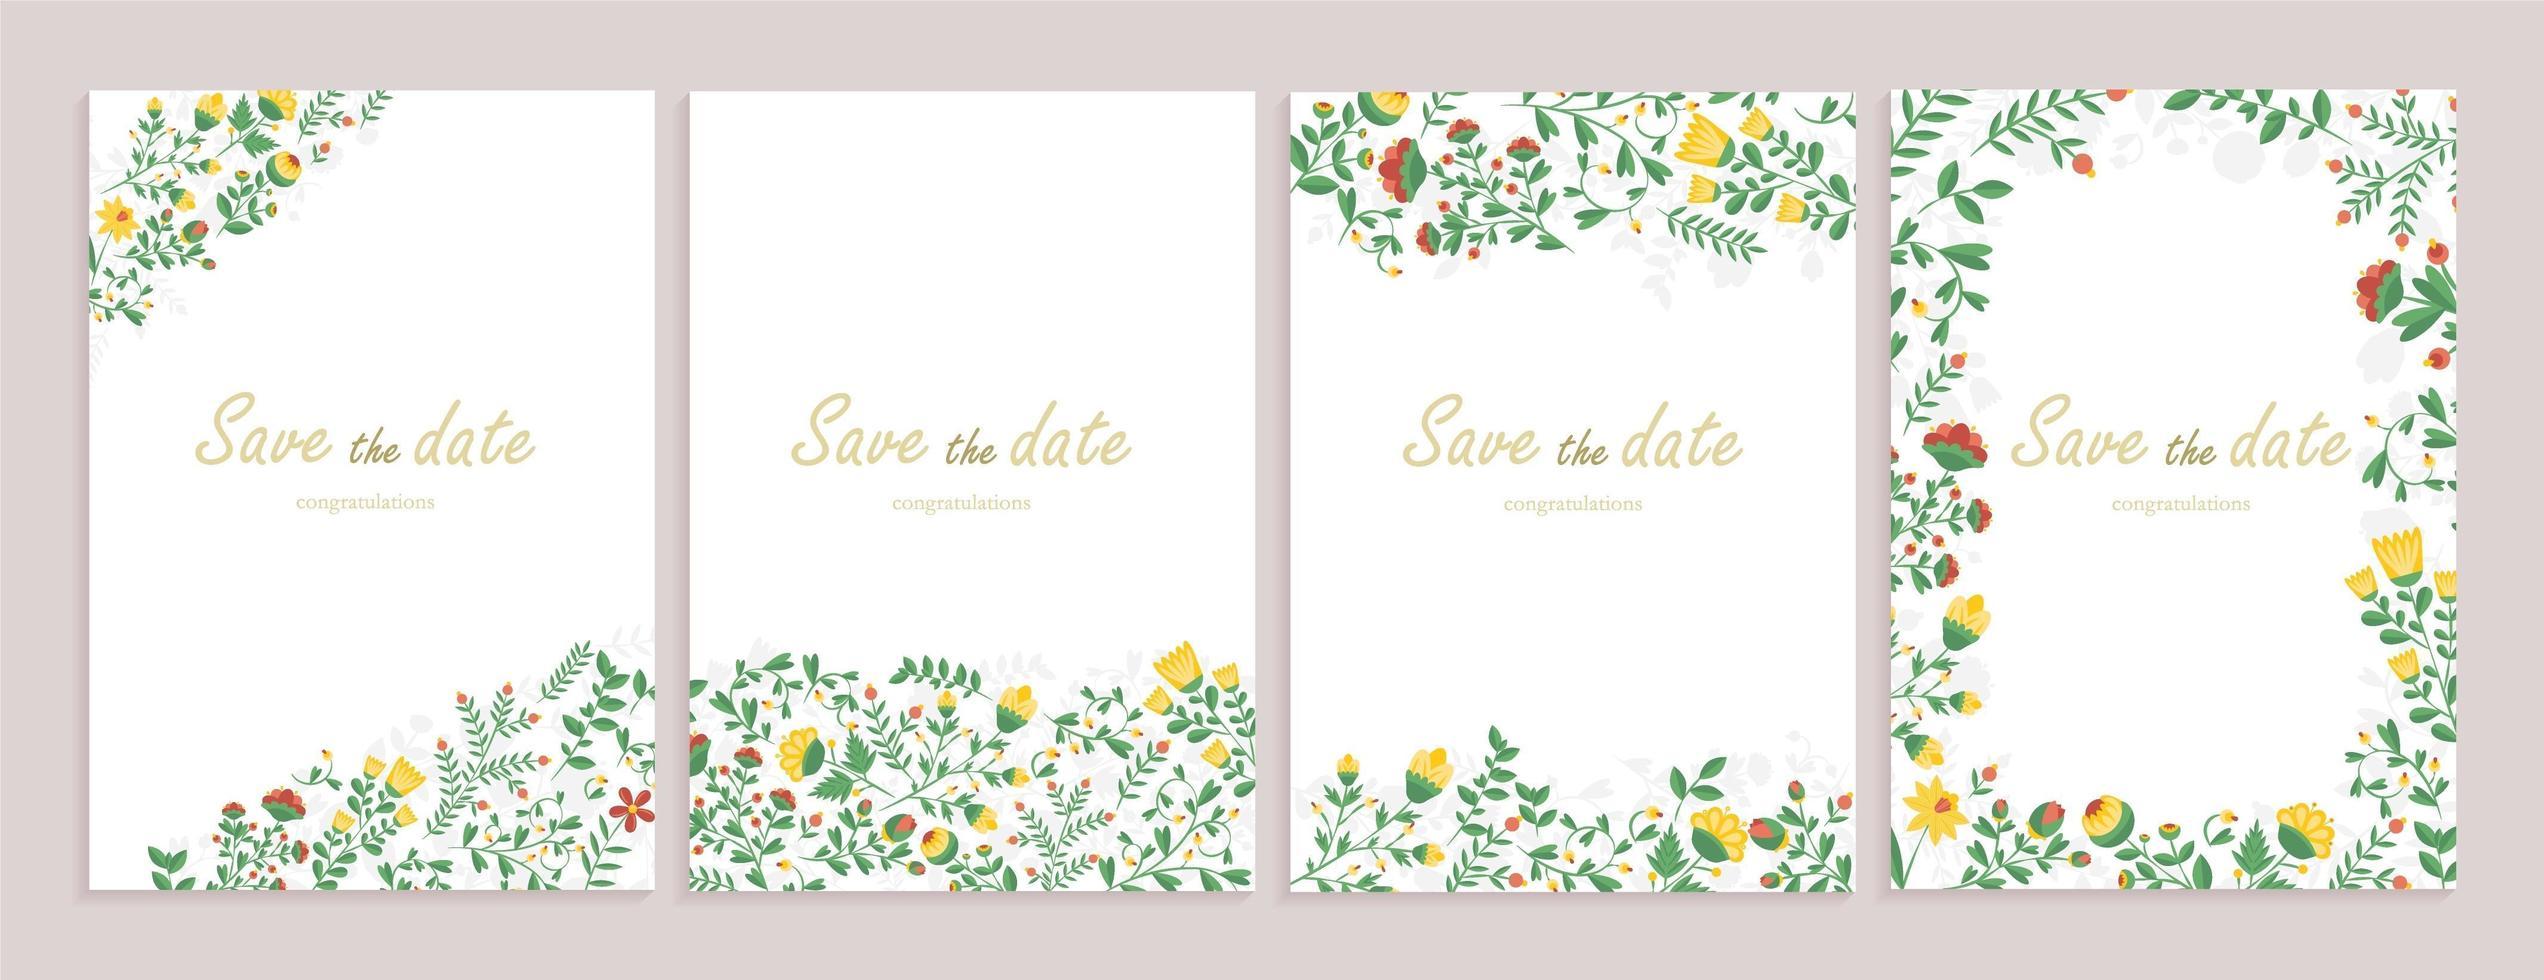 ensemble de cartes de voeux avec décor floral. vecteur